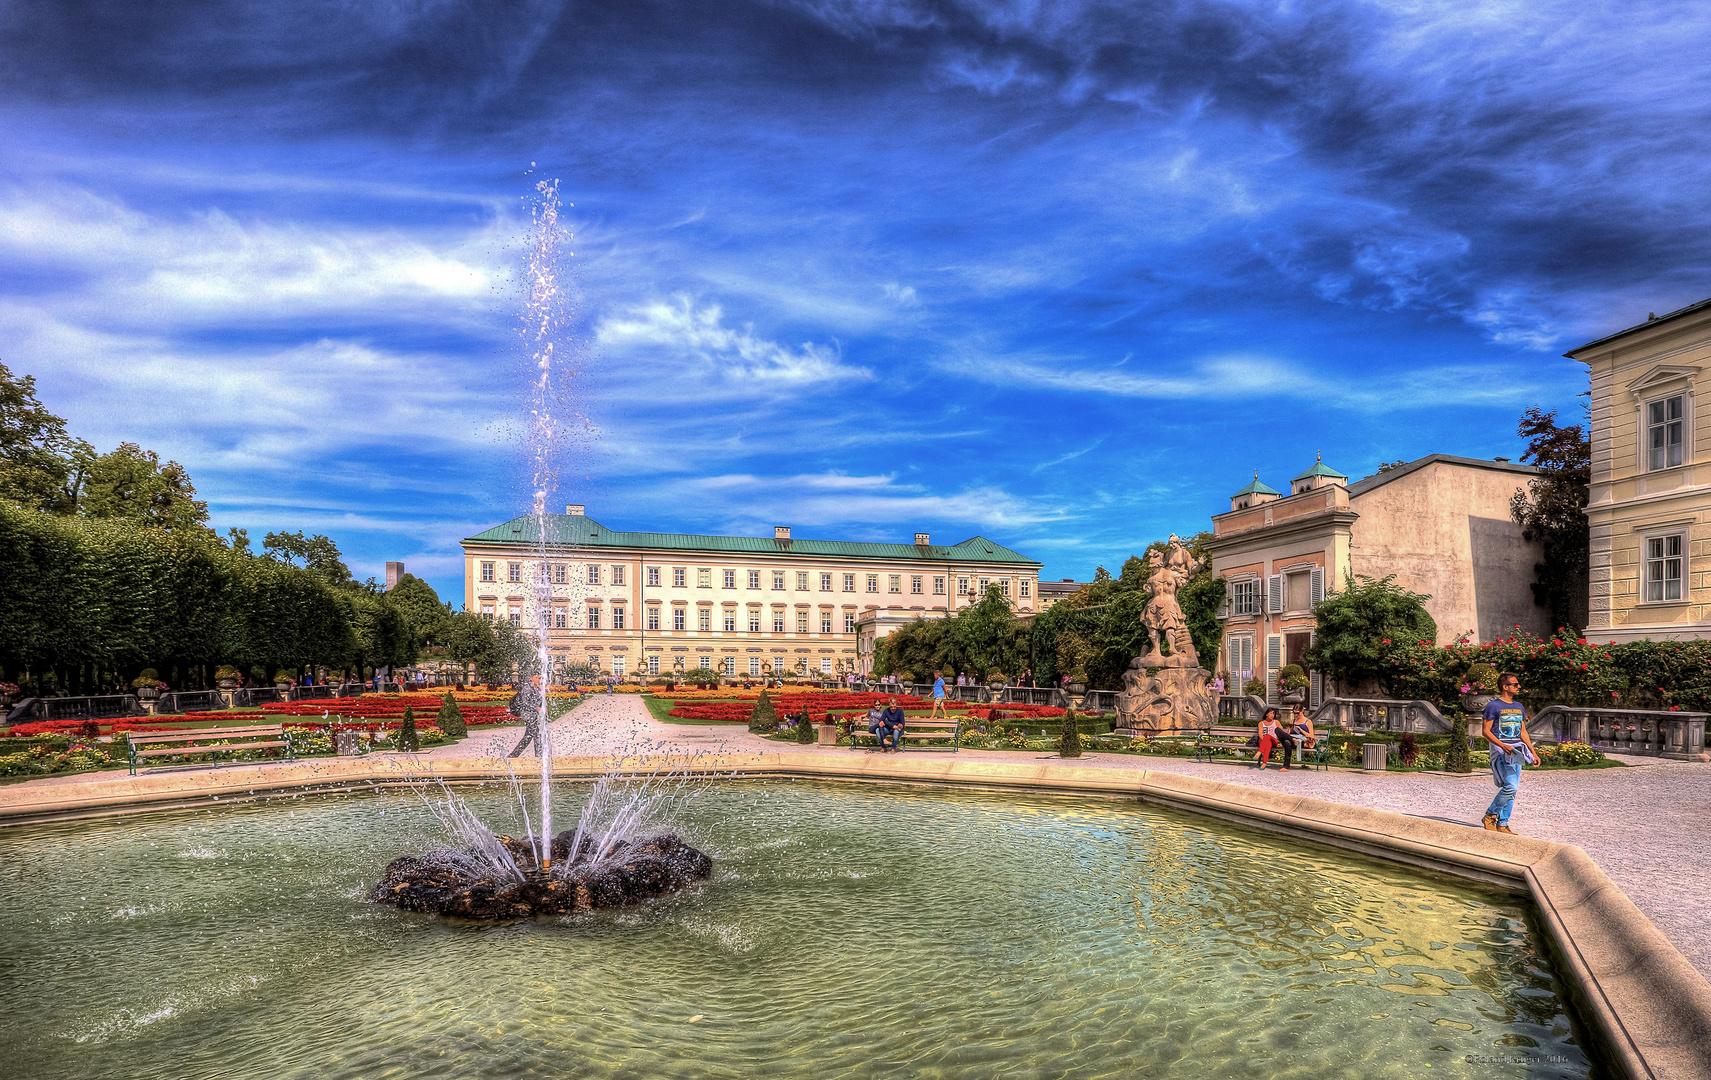 Mirabellgarten mit Brunnen